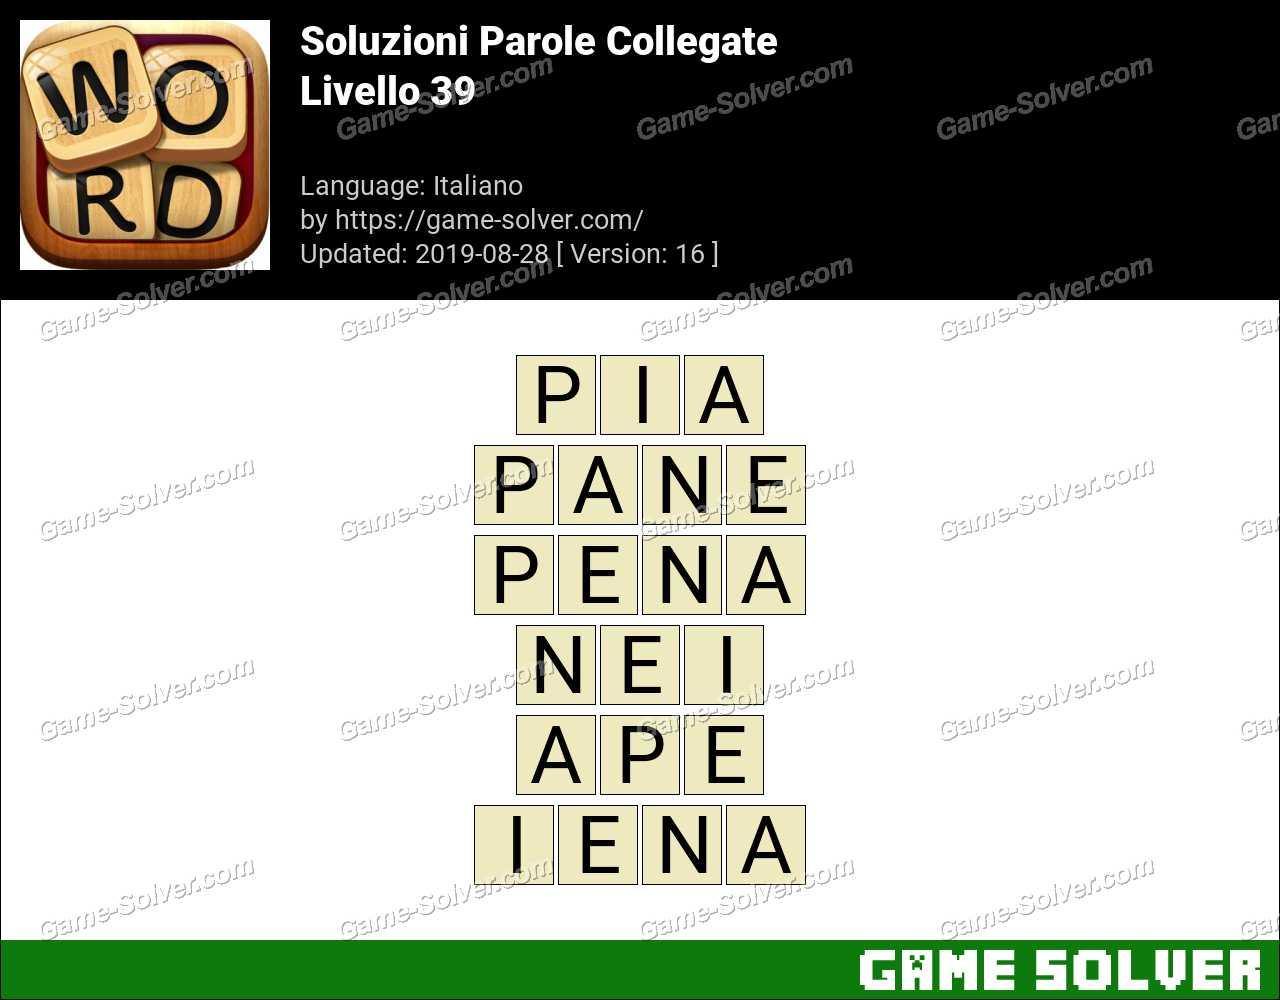 Soluzioni Parole Collegate Livello 39